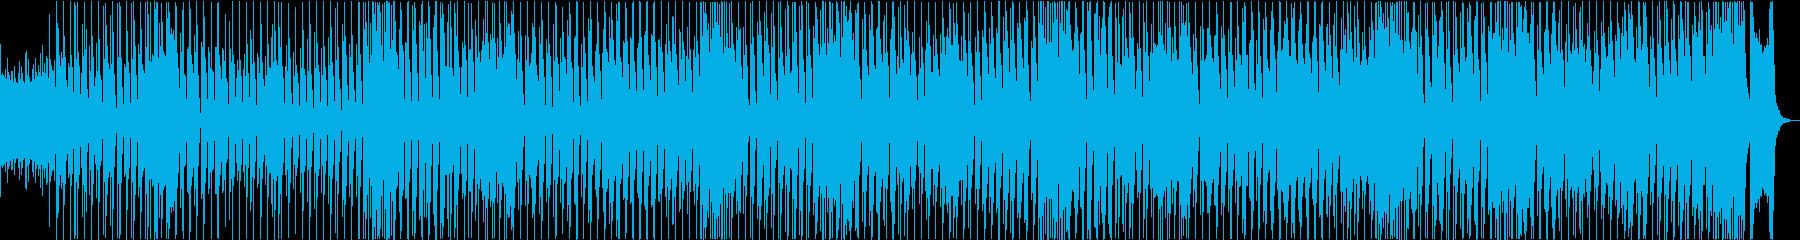 江戸を感じる派手な和風ブルースの再生済みの波形